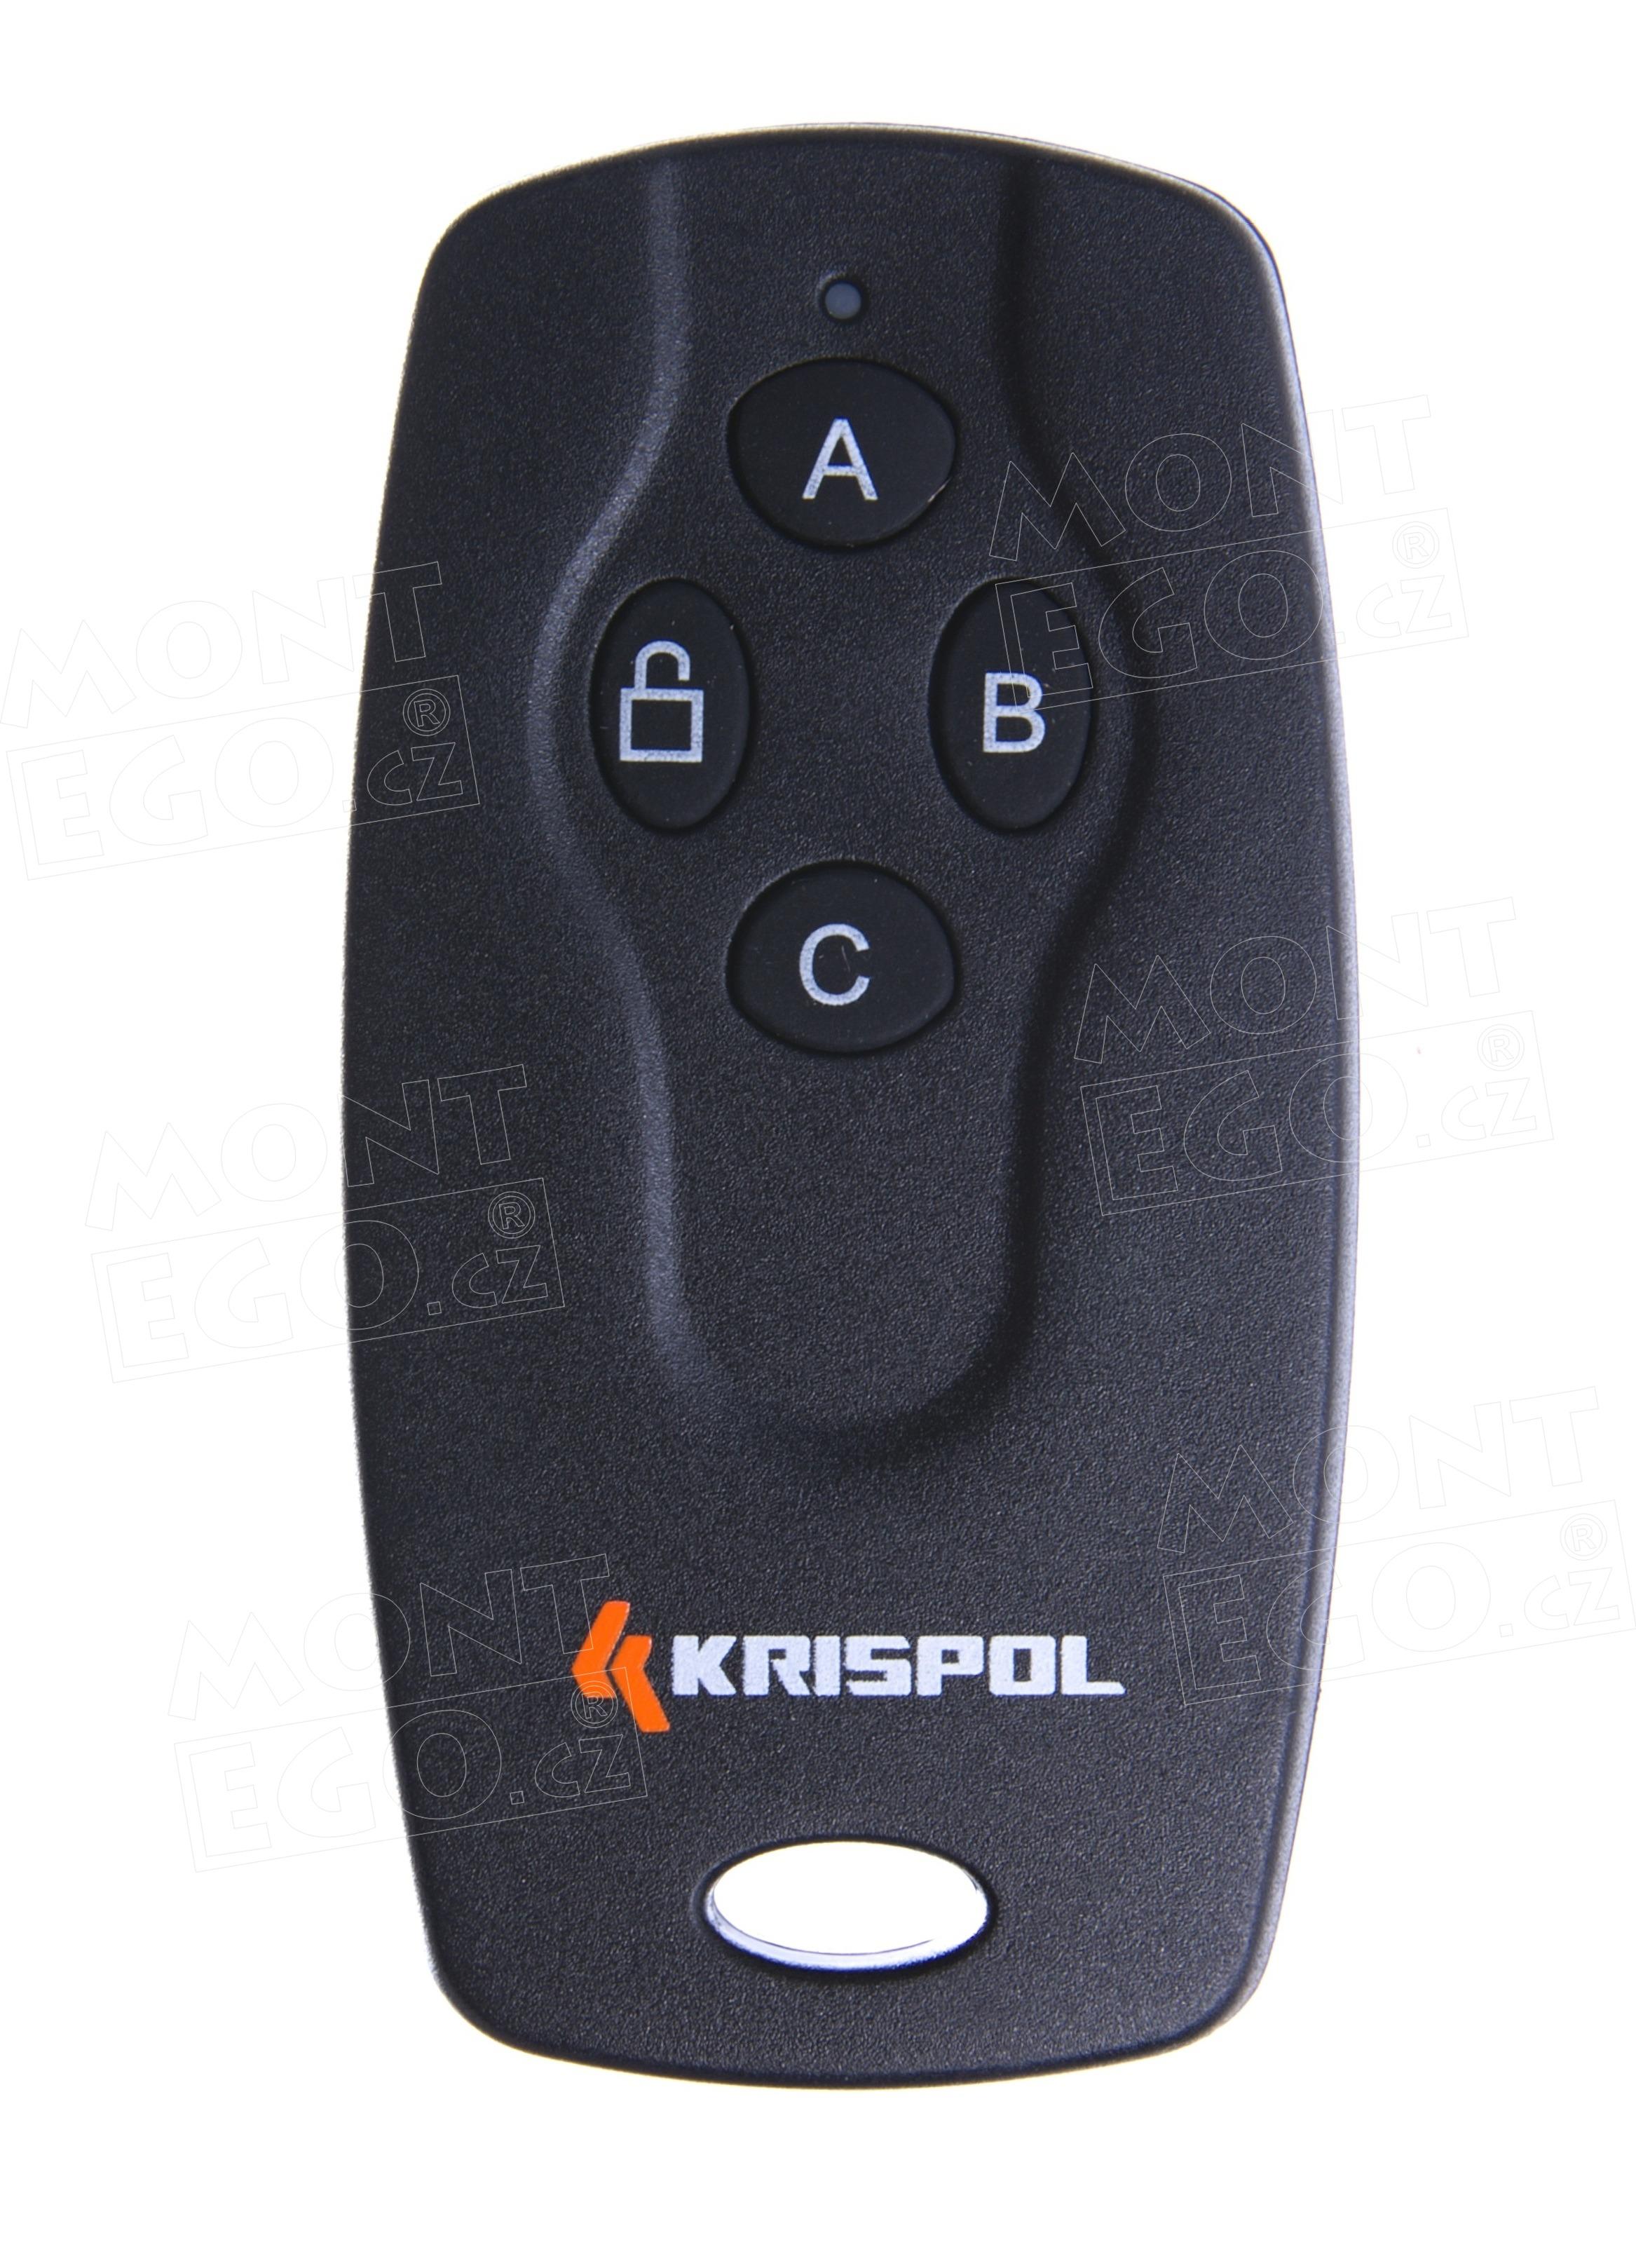 Dálkový ovládač na vrata Krispol NAD.CB.001 (14100)